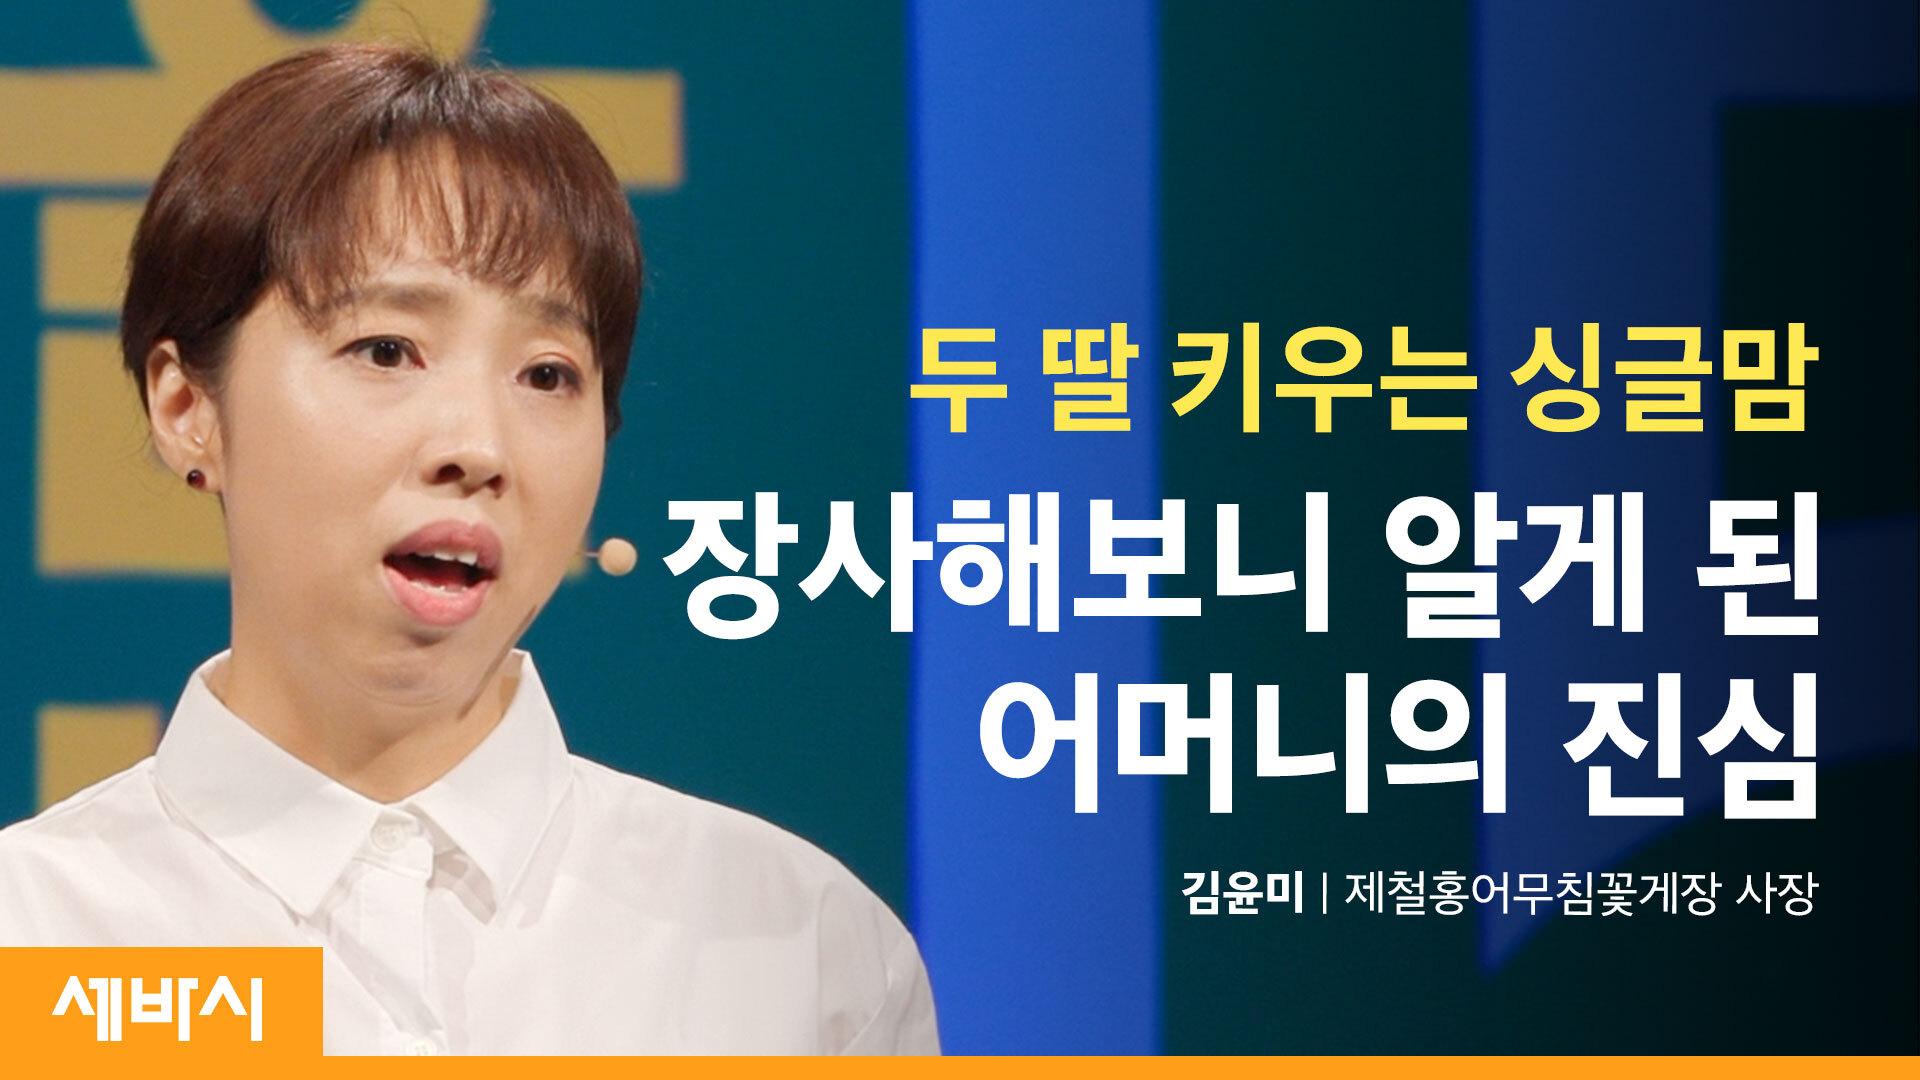 홍어와 꽃게장 장사가 알게 해준 엄마의 진심 -김윤미(제철홍어무침꽃게장 사장)